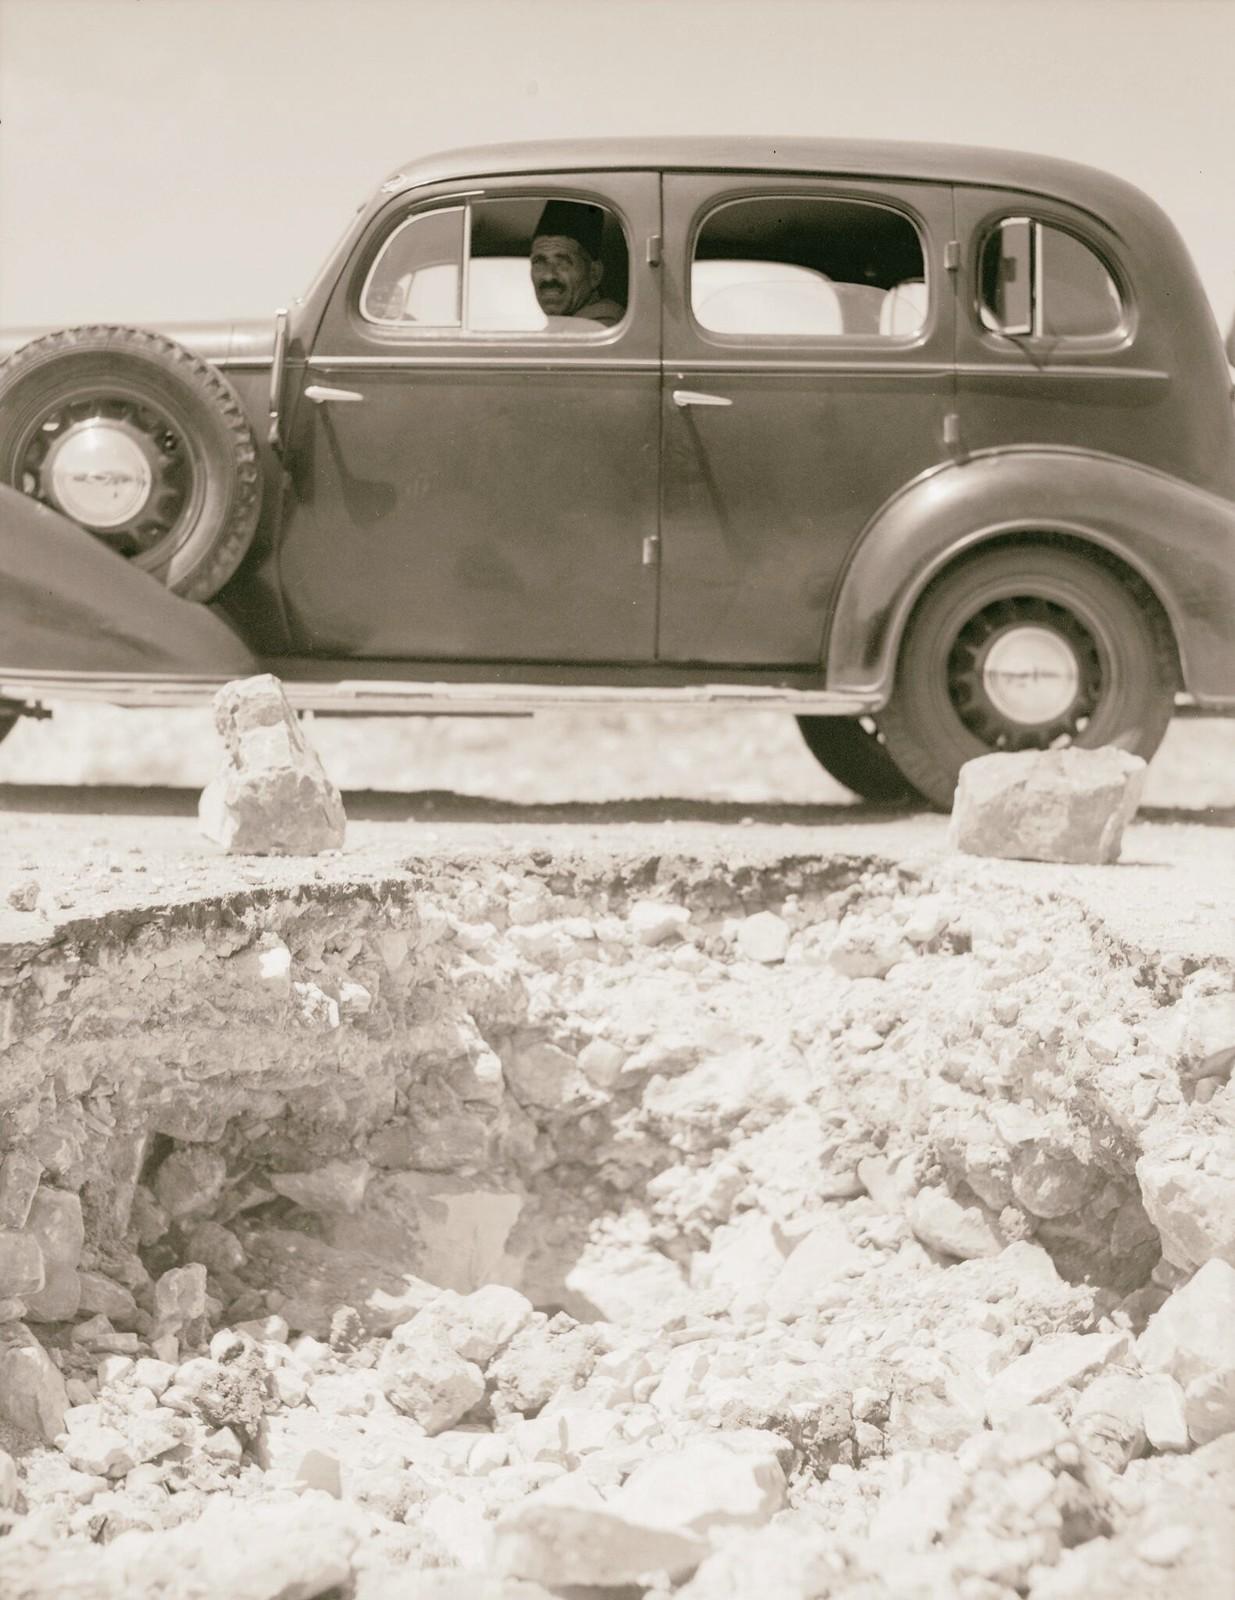 01. Огромные валуны на Хевронском шоссе, заложенные арабскими бандами для уничтожения полицейских и военных машин